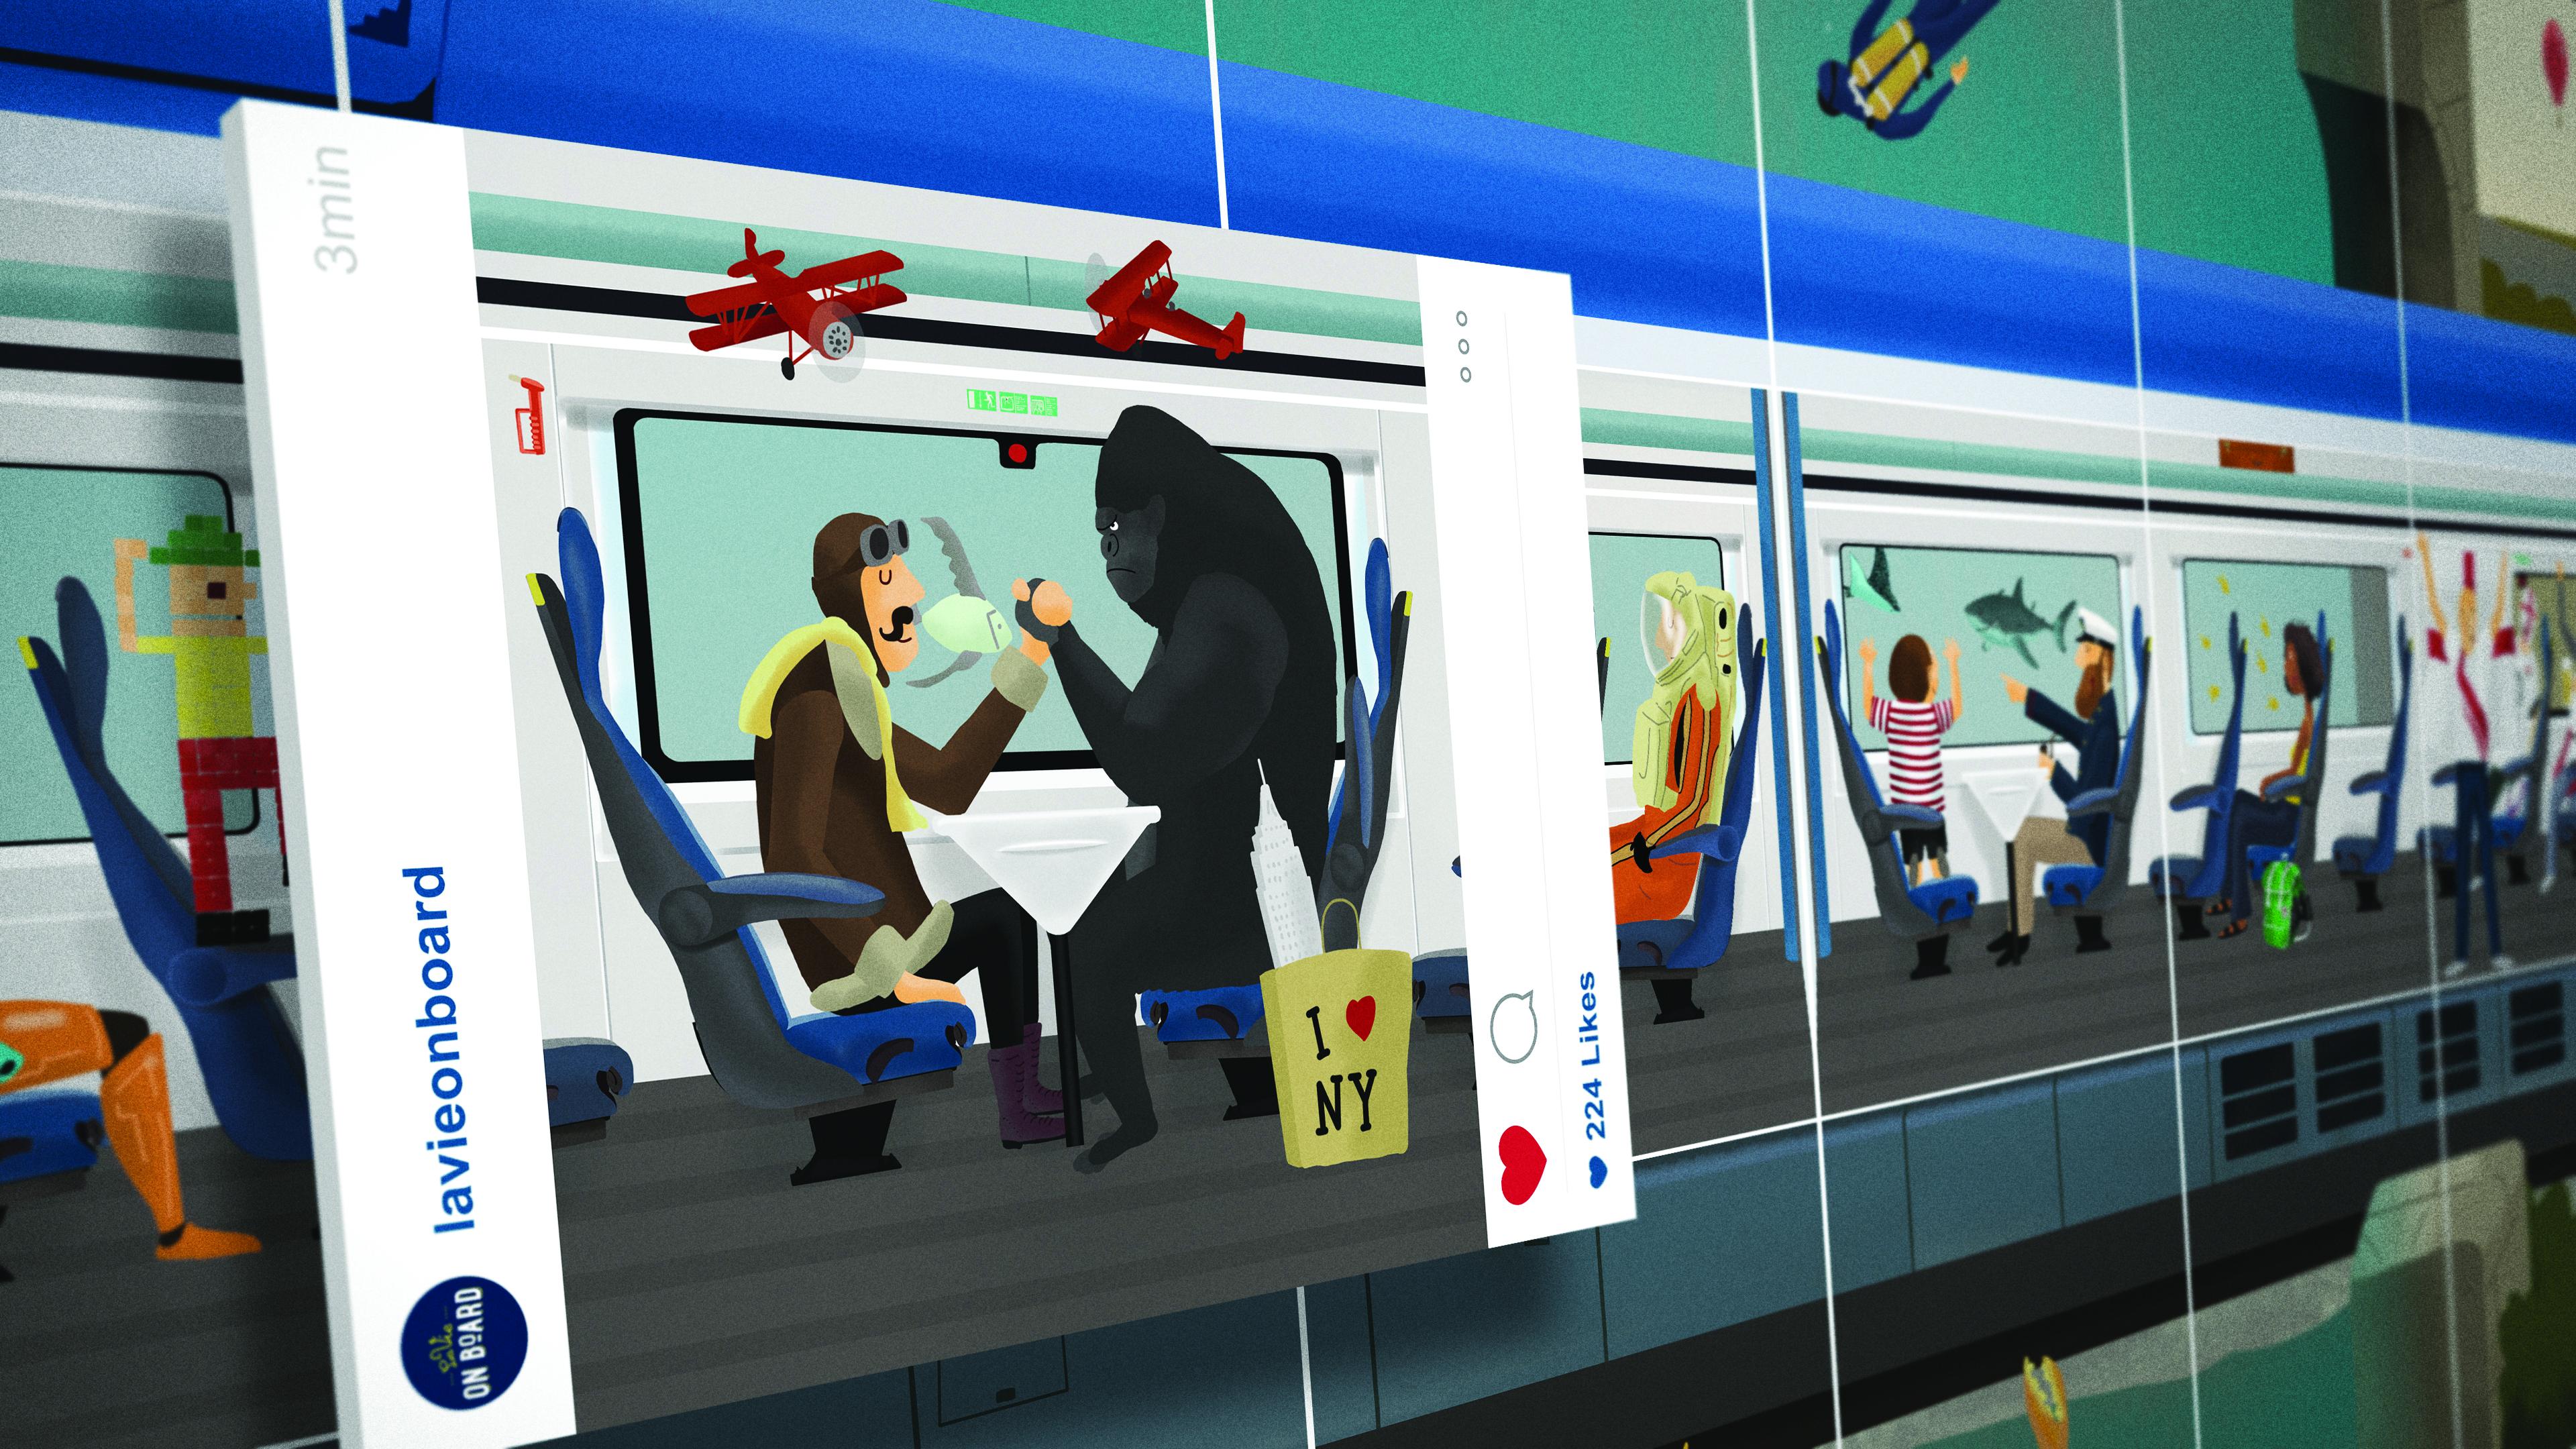 06_Eurostar_lavie_onboard_300dpi